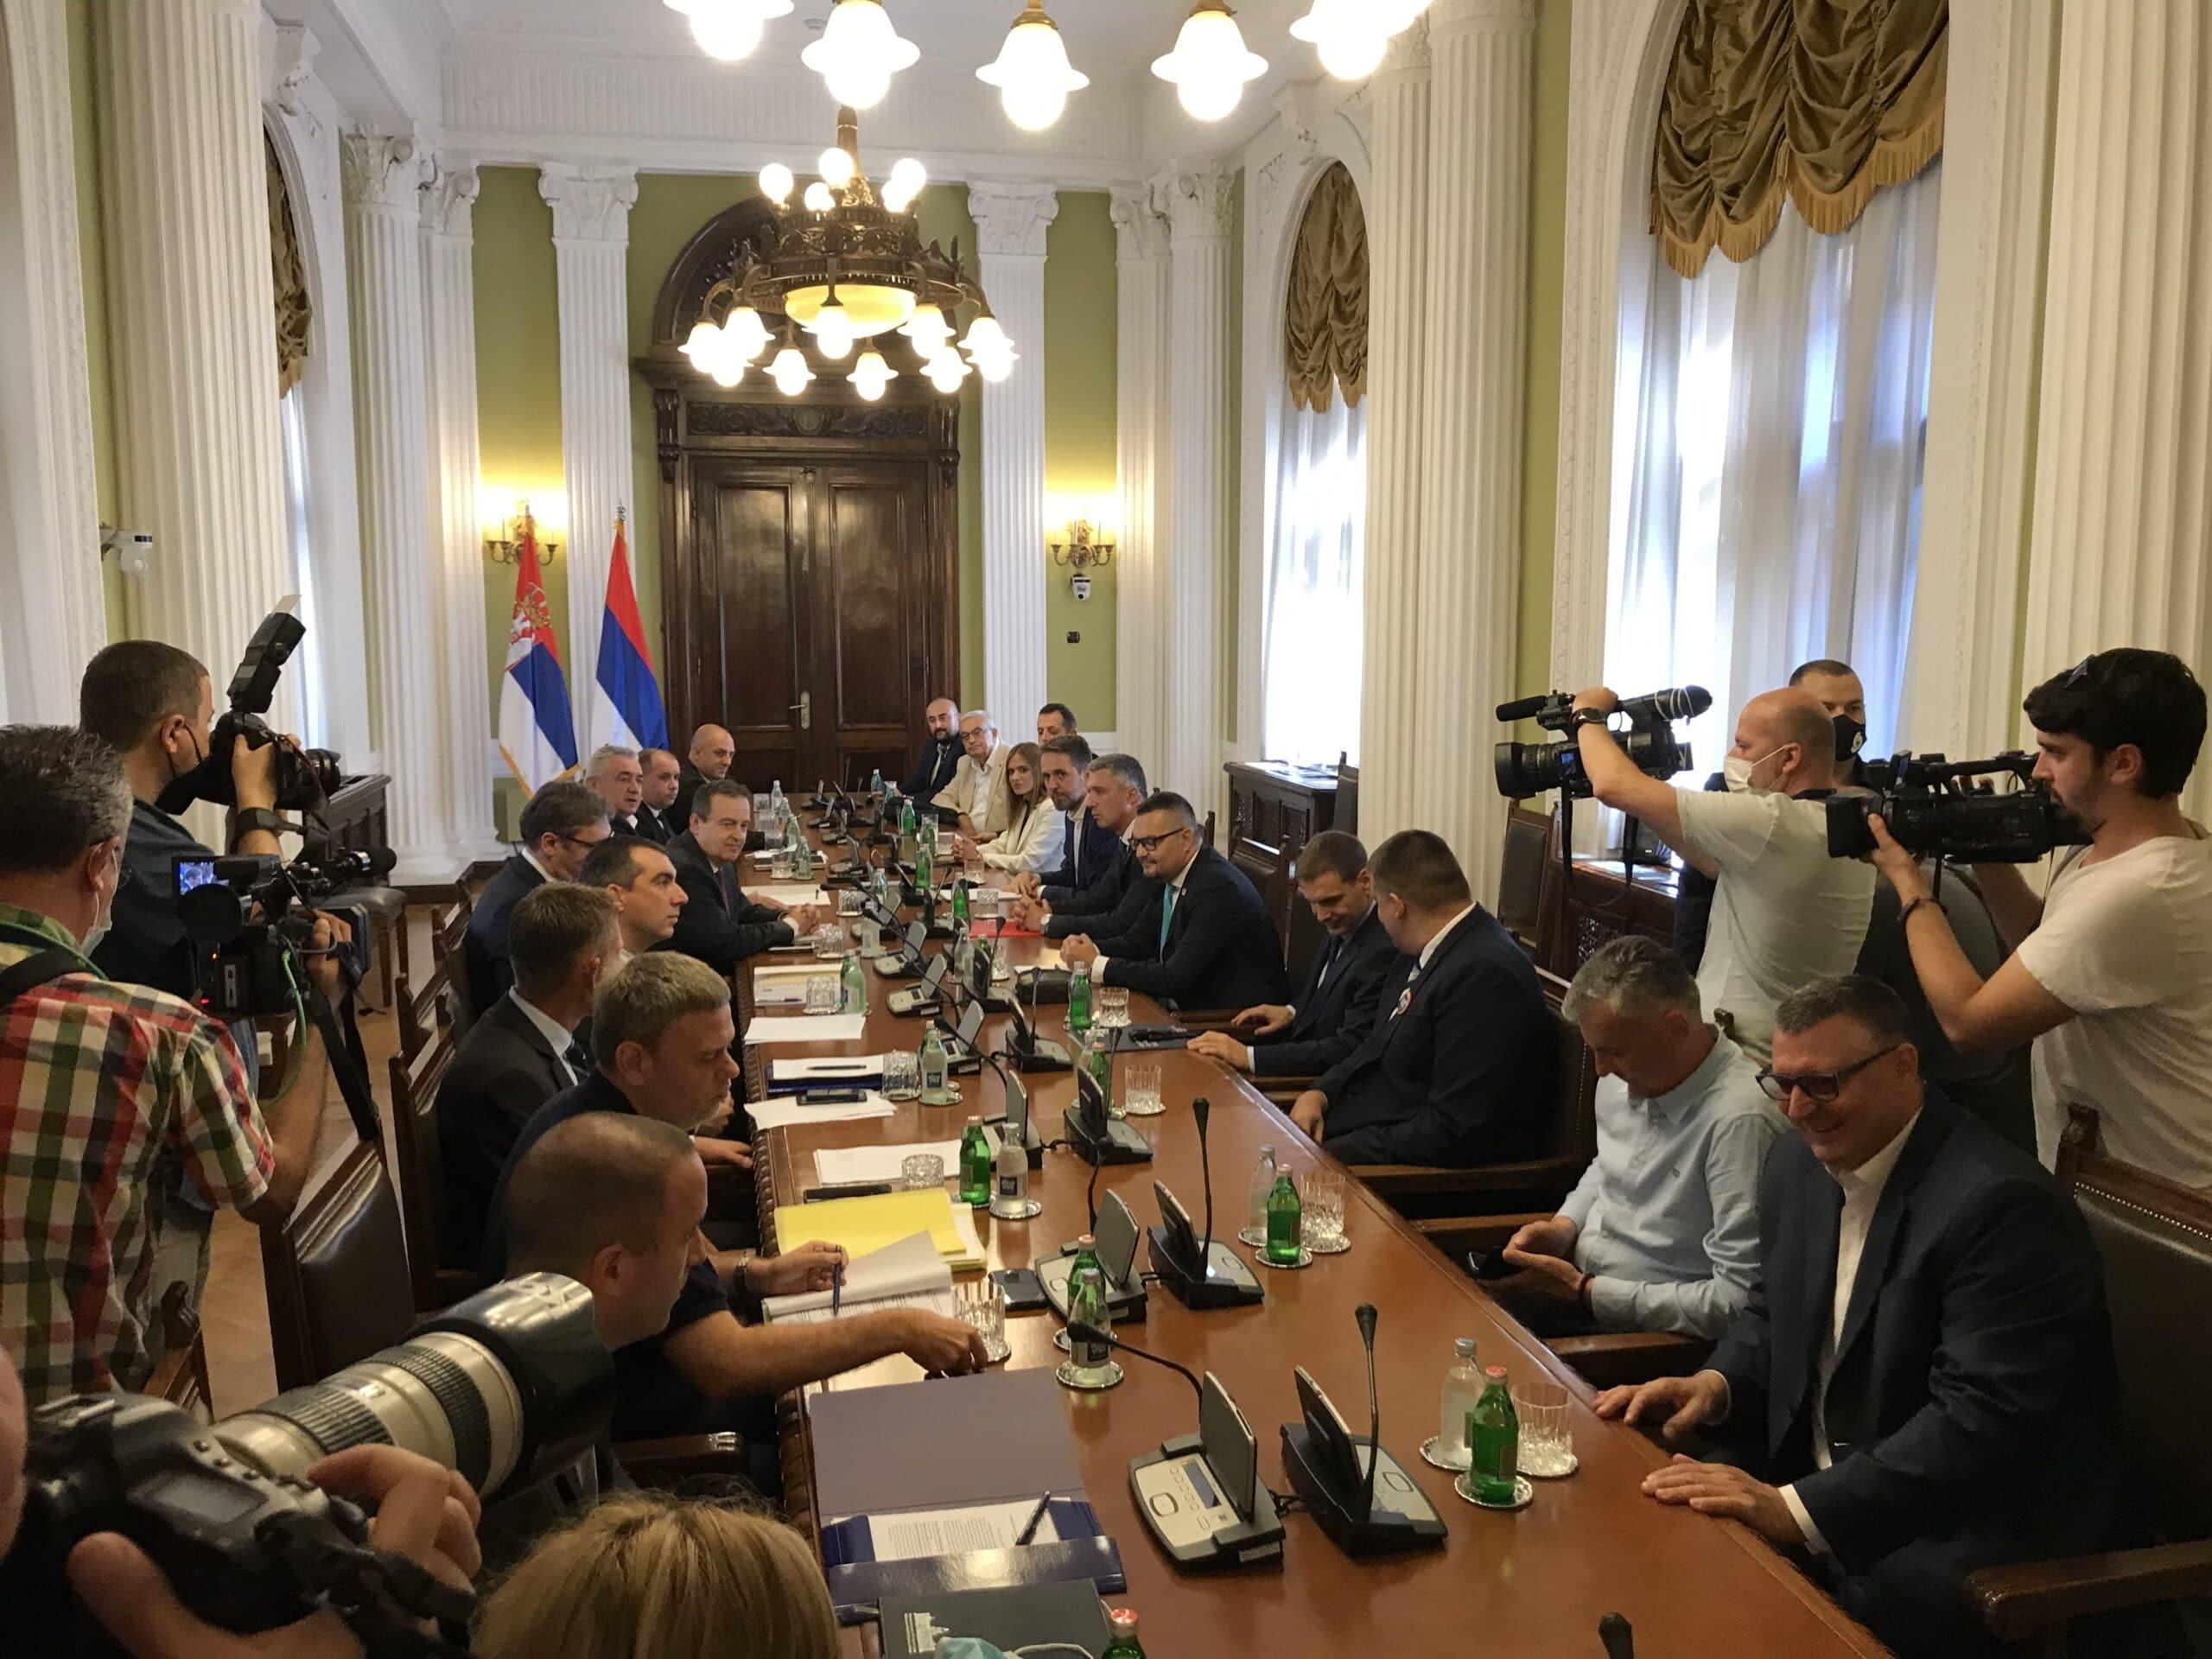 Počeo novi sastanak vlasti i opozicije bez stranih posrednika, učestvuje i Vučić 2